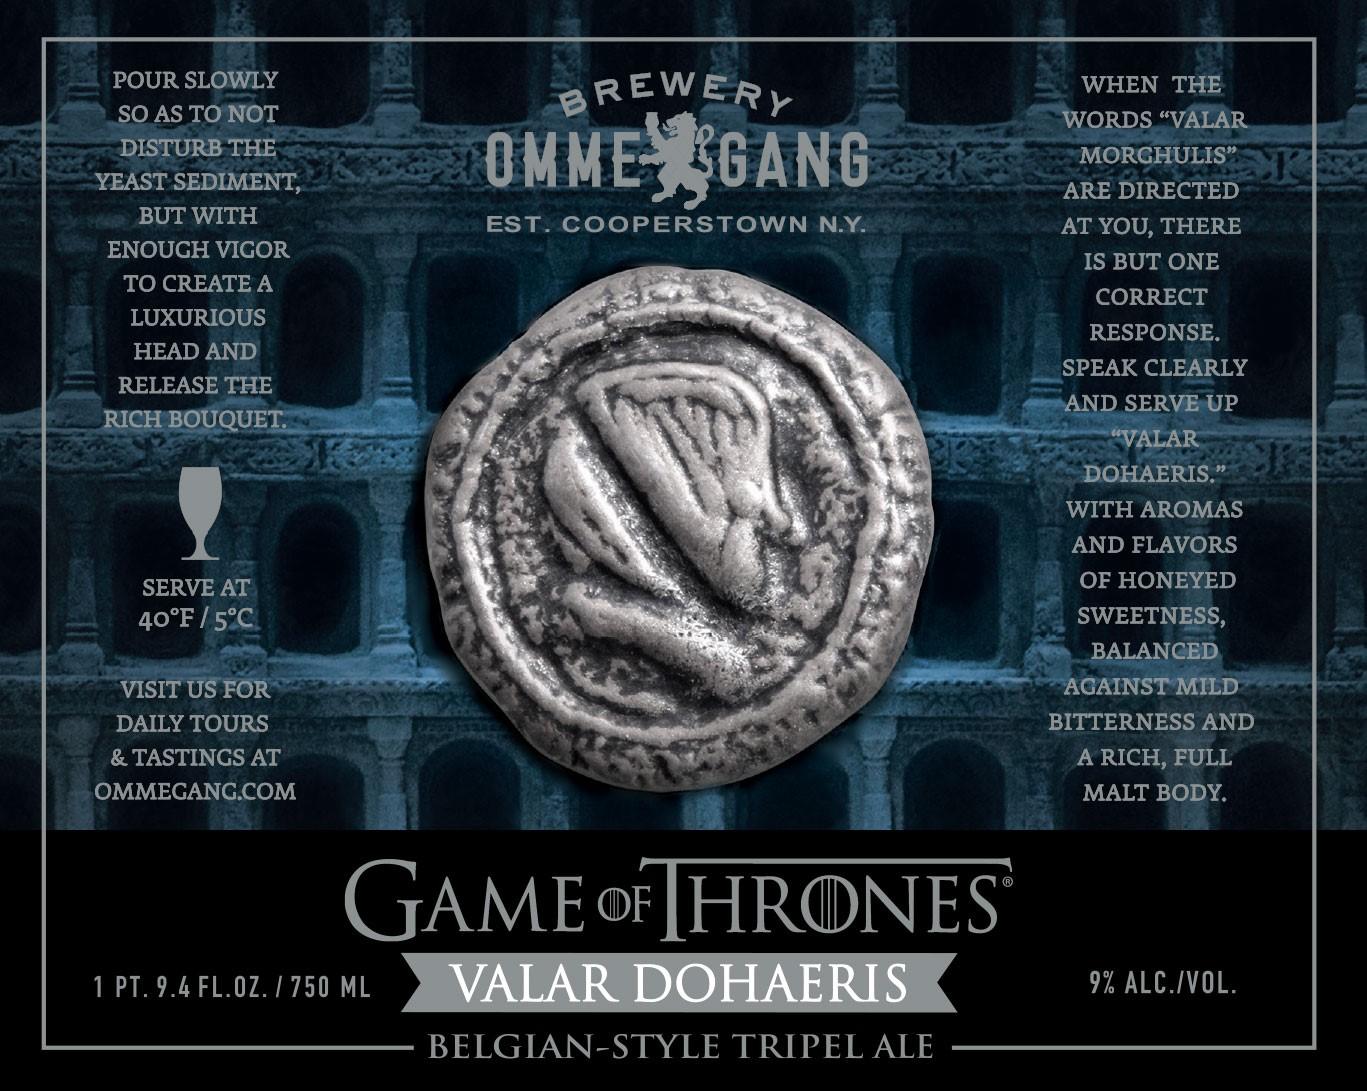 valar dohaeris translation